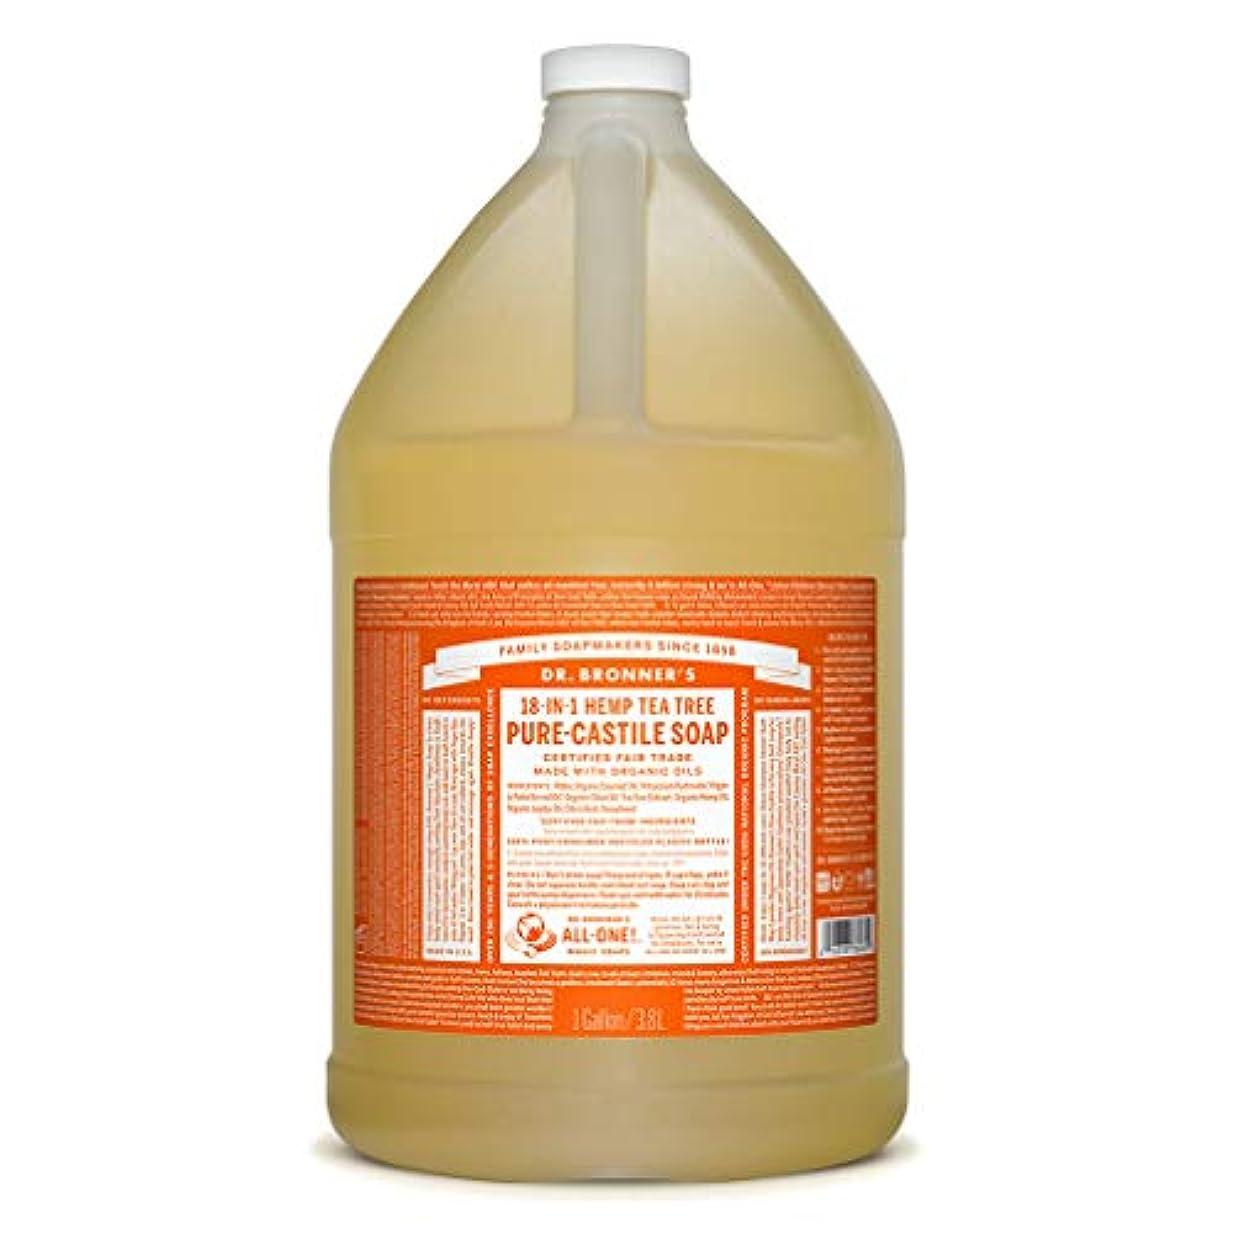 ばかげたお酒魅力的であることへのアピールドクターブロナー マジックソープ液体 ティーツリー 3776ml